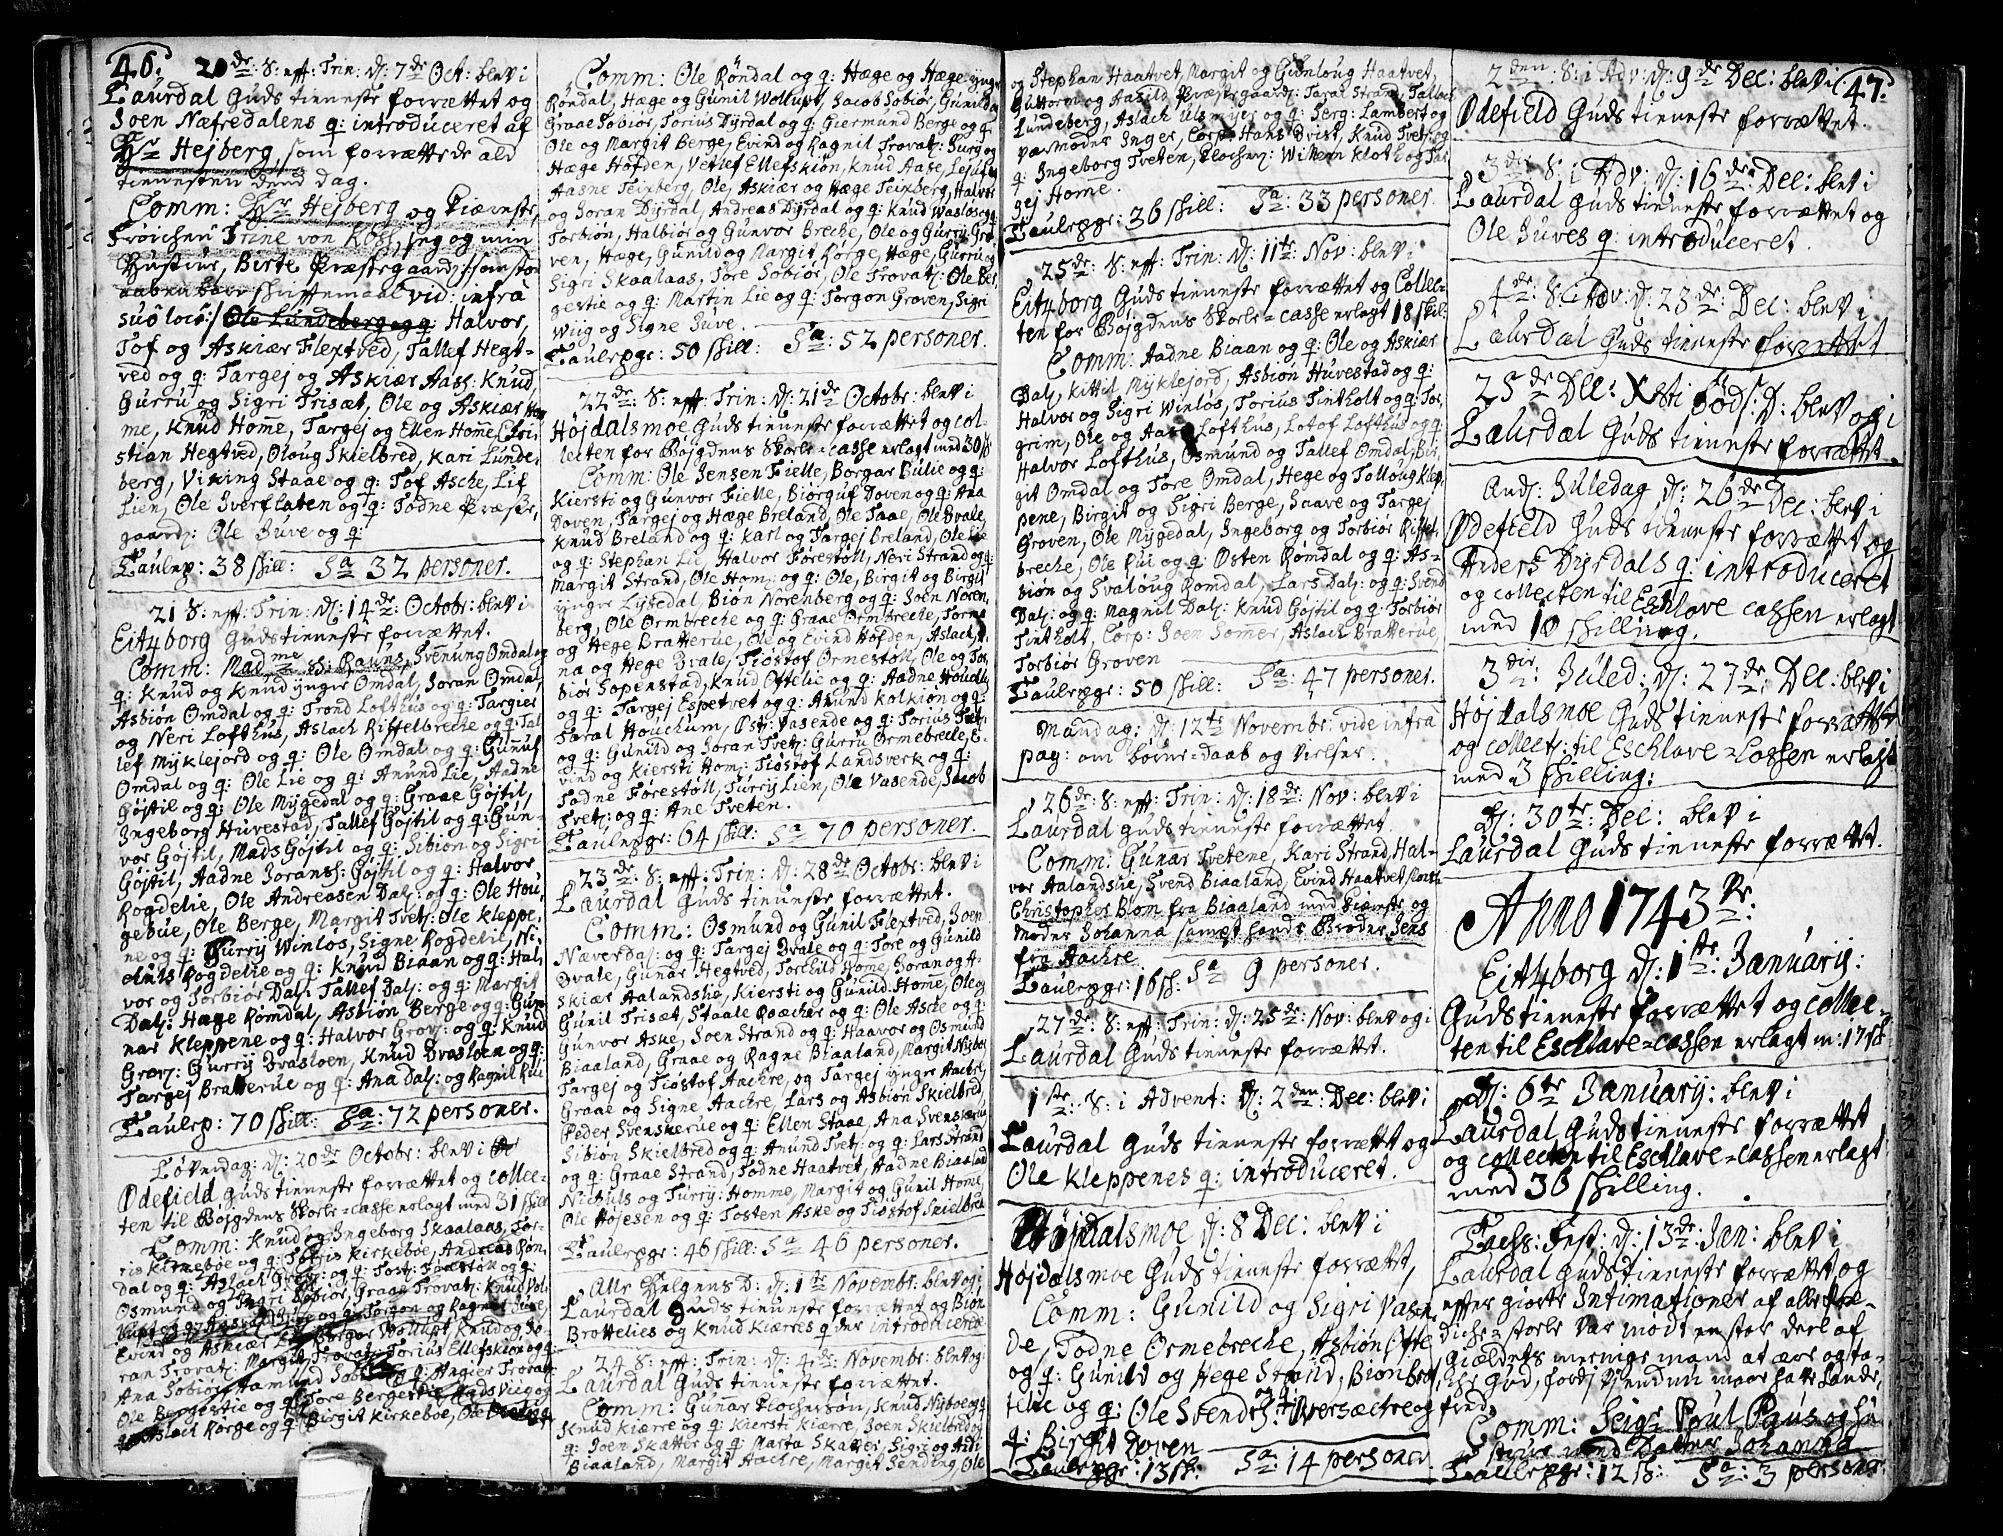 SAKO, Lårdal kirkebøker, F/Fa/L0002: Ministerialbok nr. I 2, 1734-1754, s. 46-47